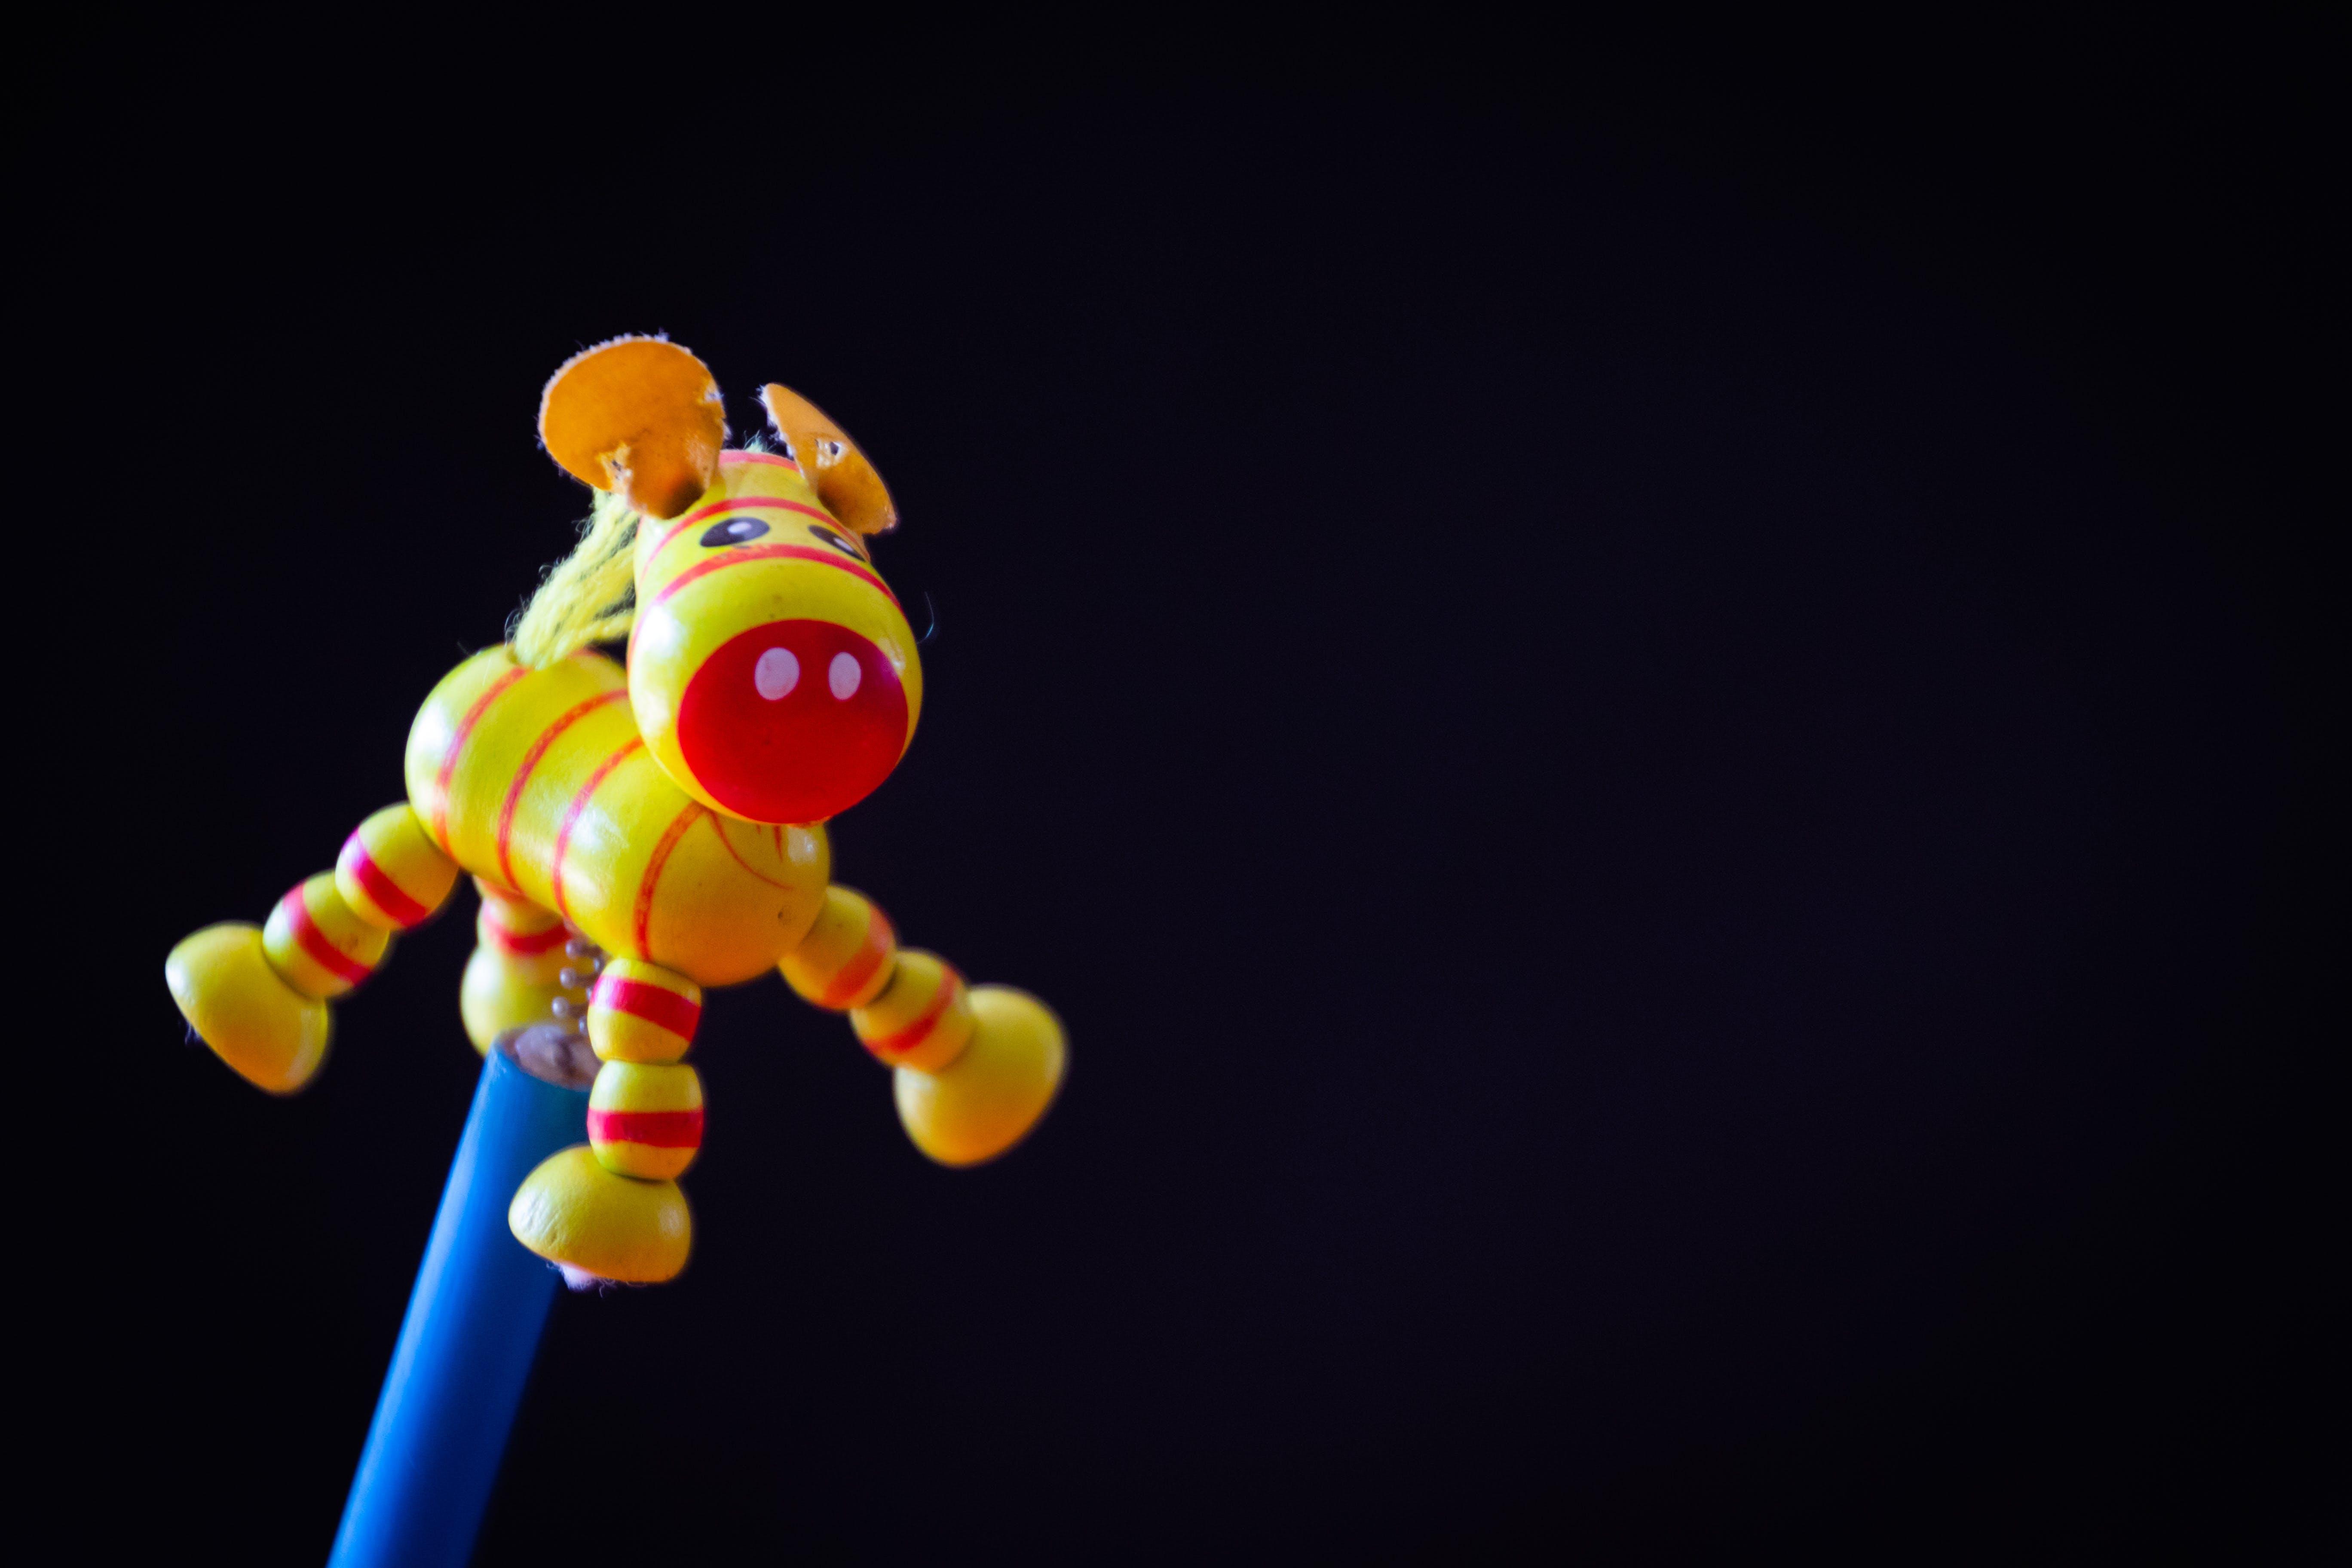 Kostnadsfri bild av åsna, färger, fokus, gul